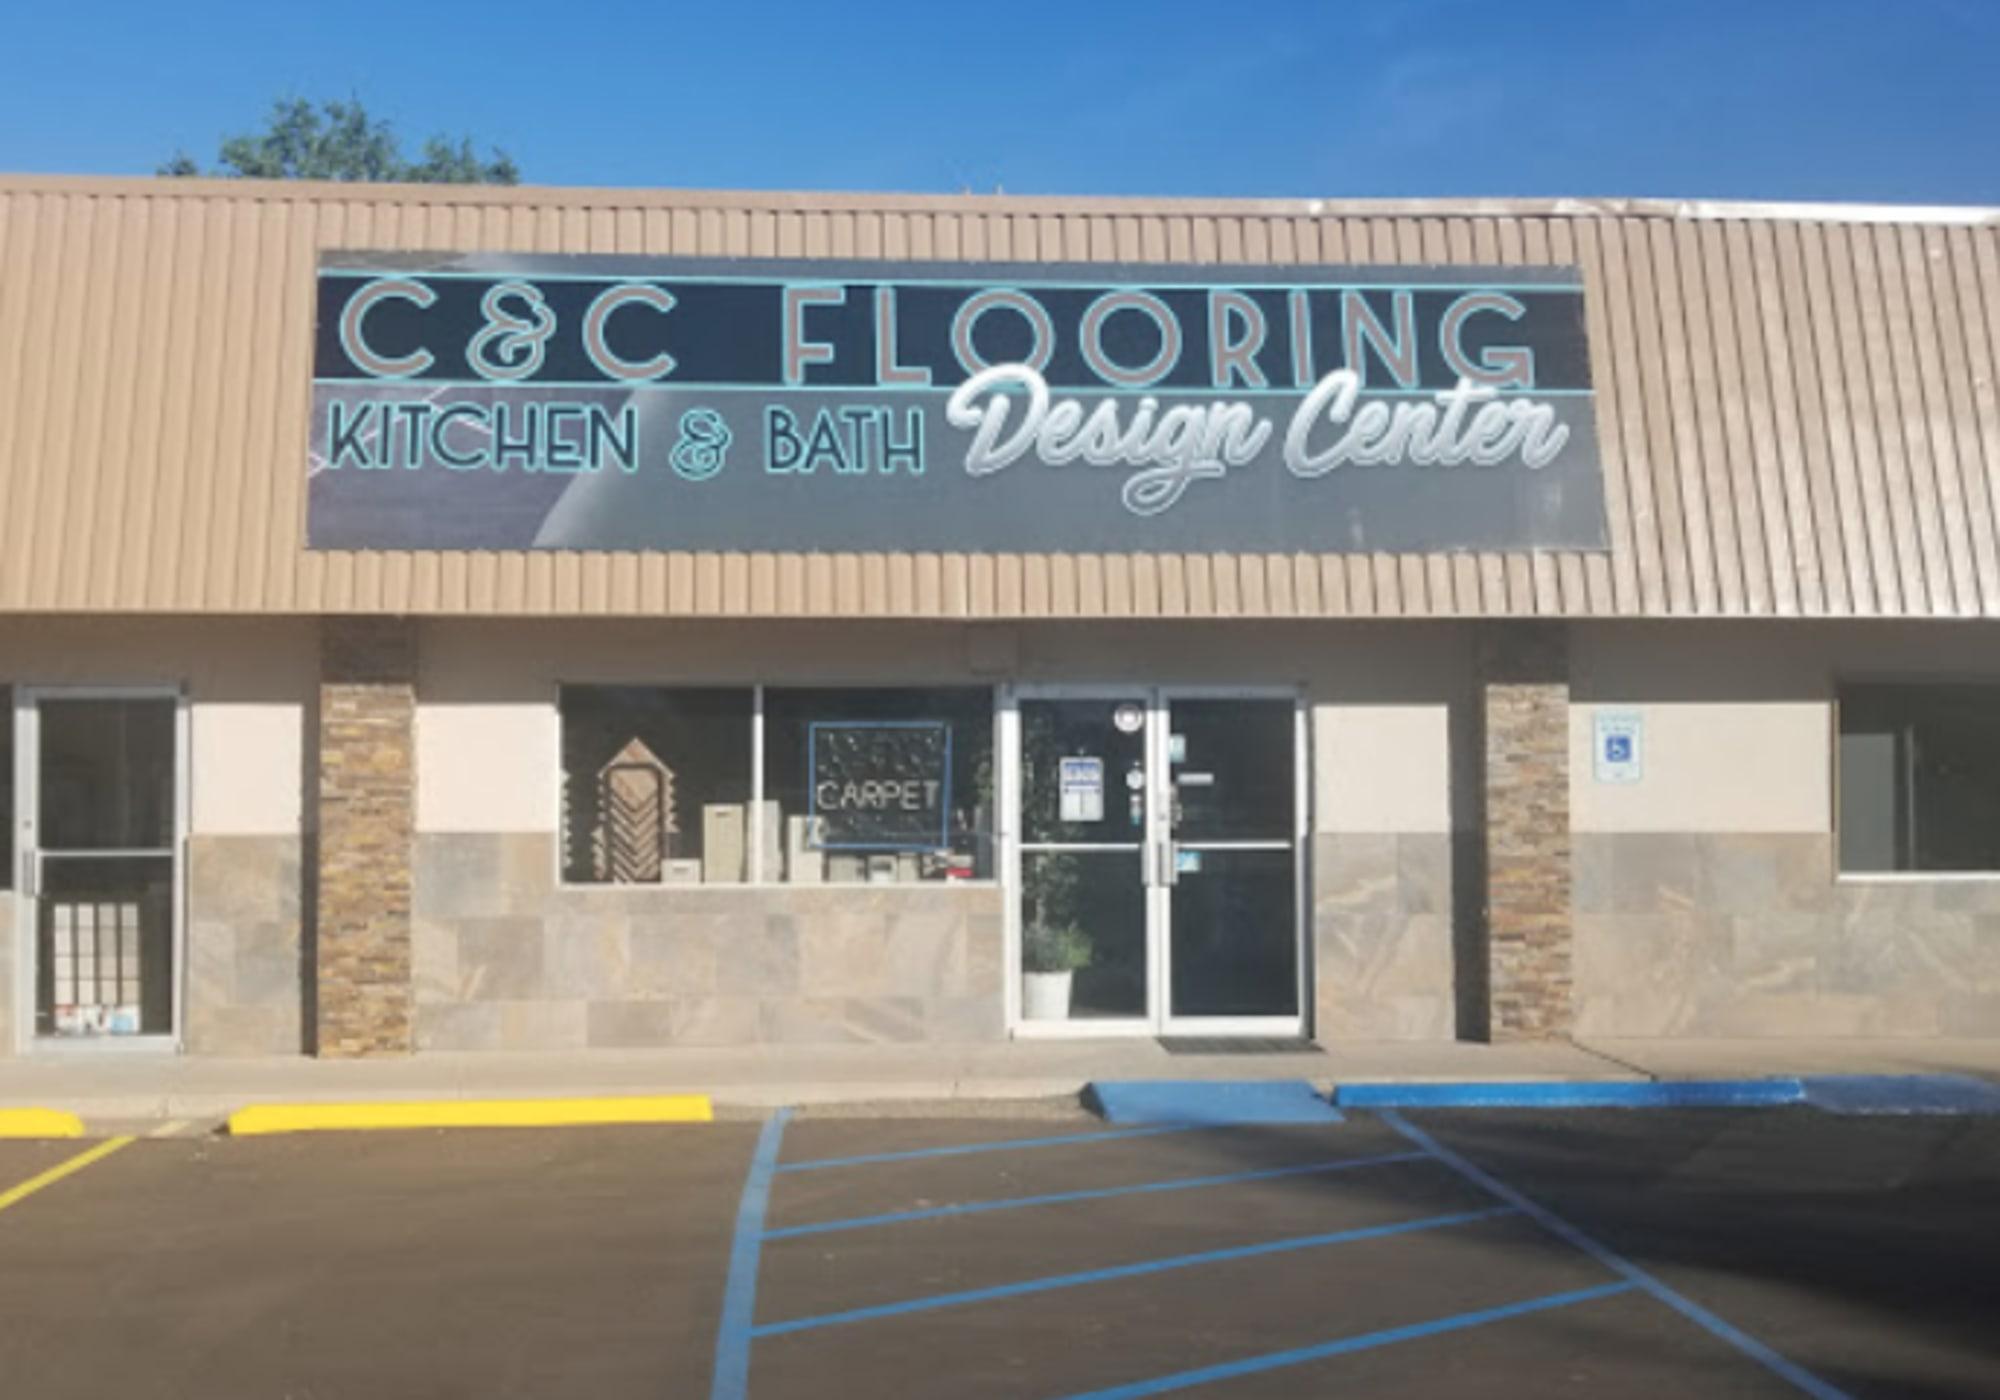 C&C Flooring and Design Center - 9311 4th St NW Albuquerque, NM 87114